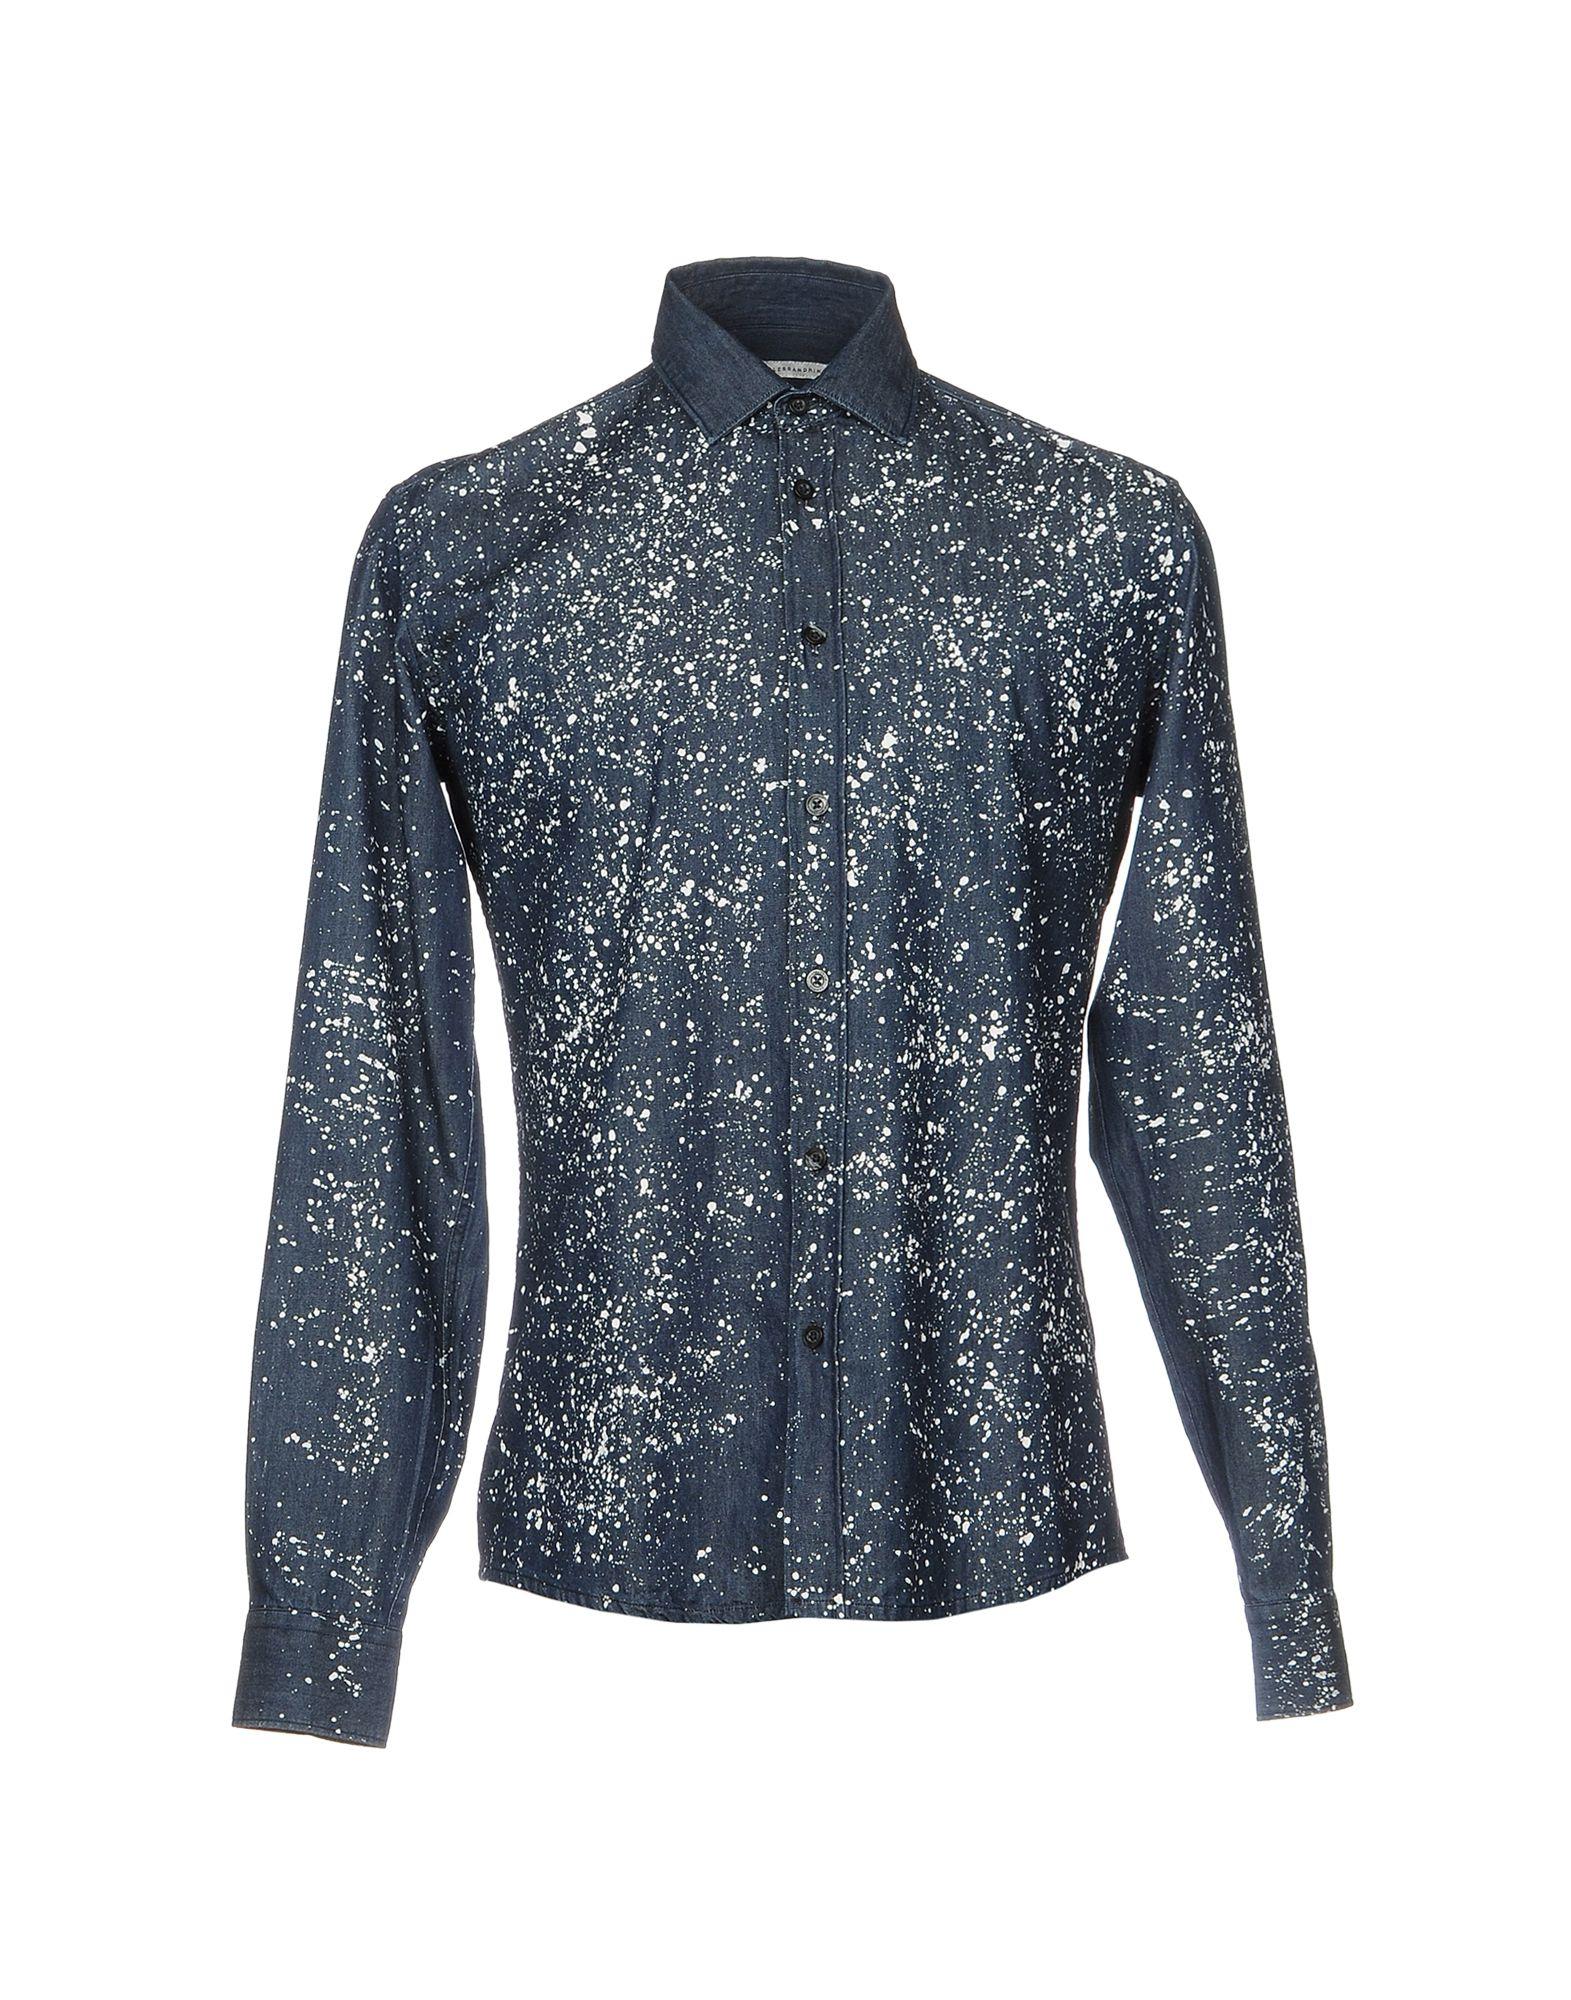 где купить DANIELE ALESSANDRINI Джинсовая рубашка по лучшей цене